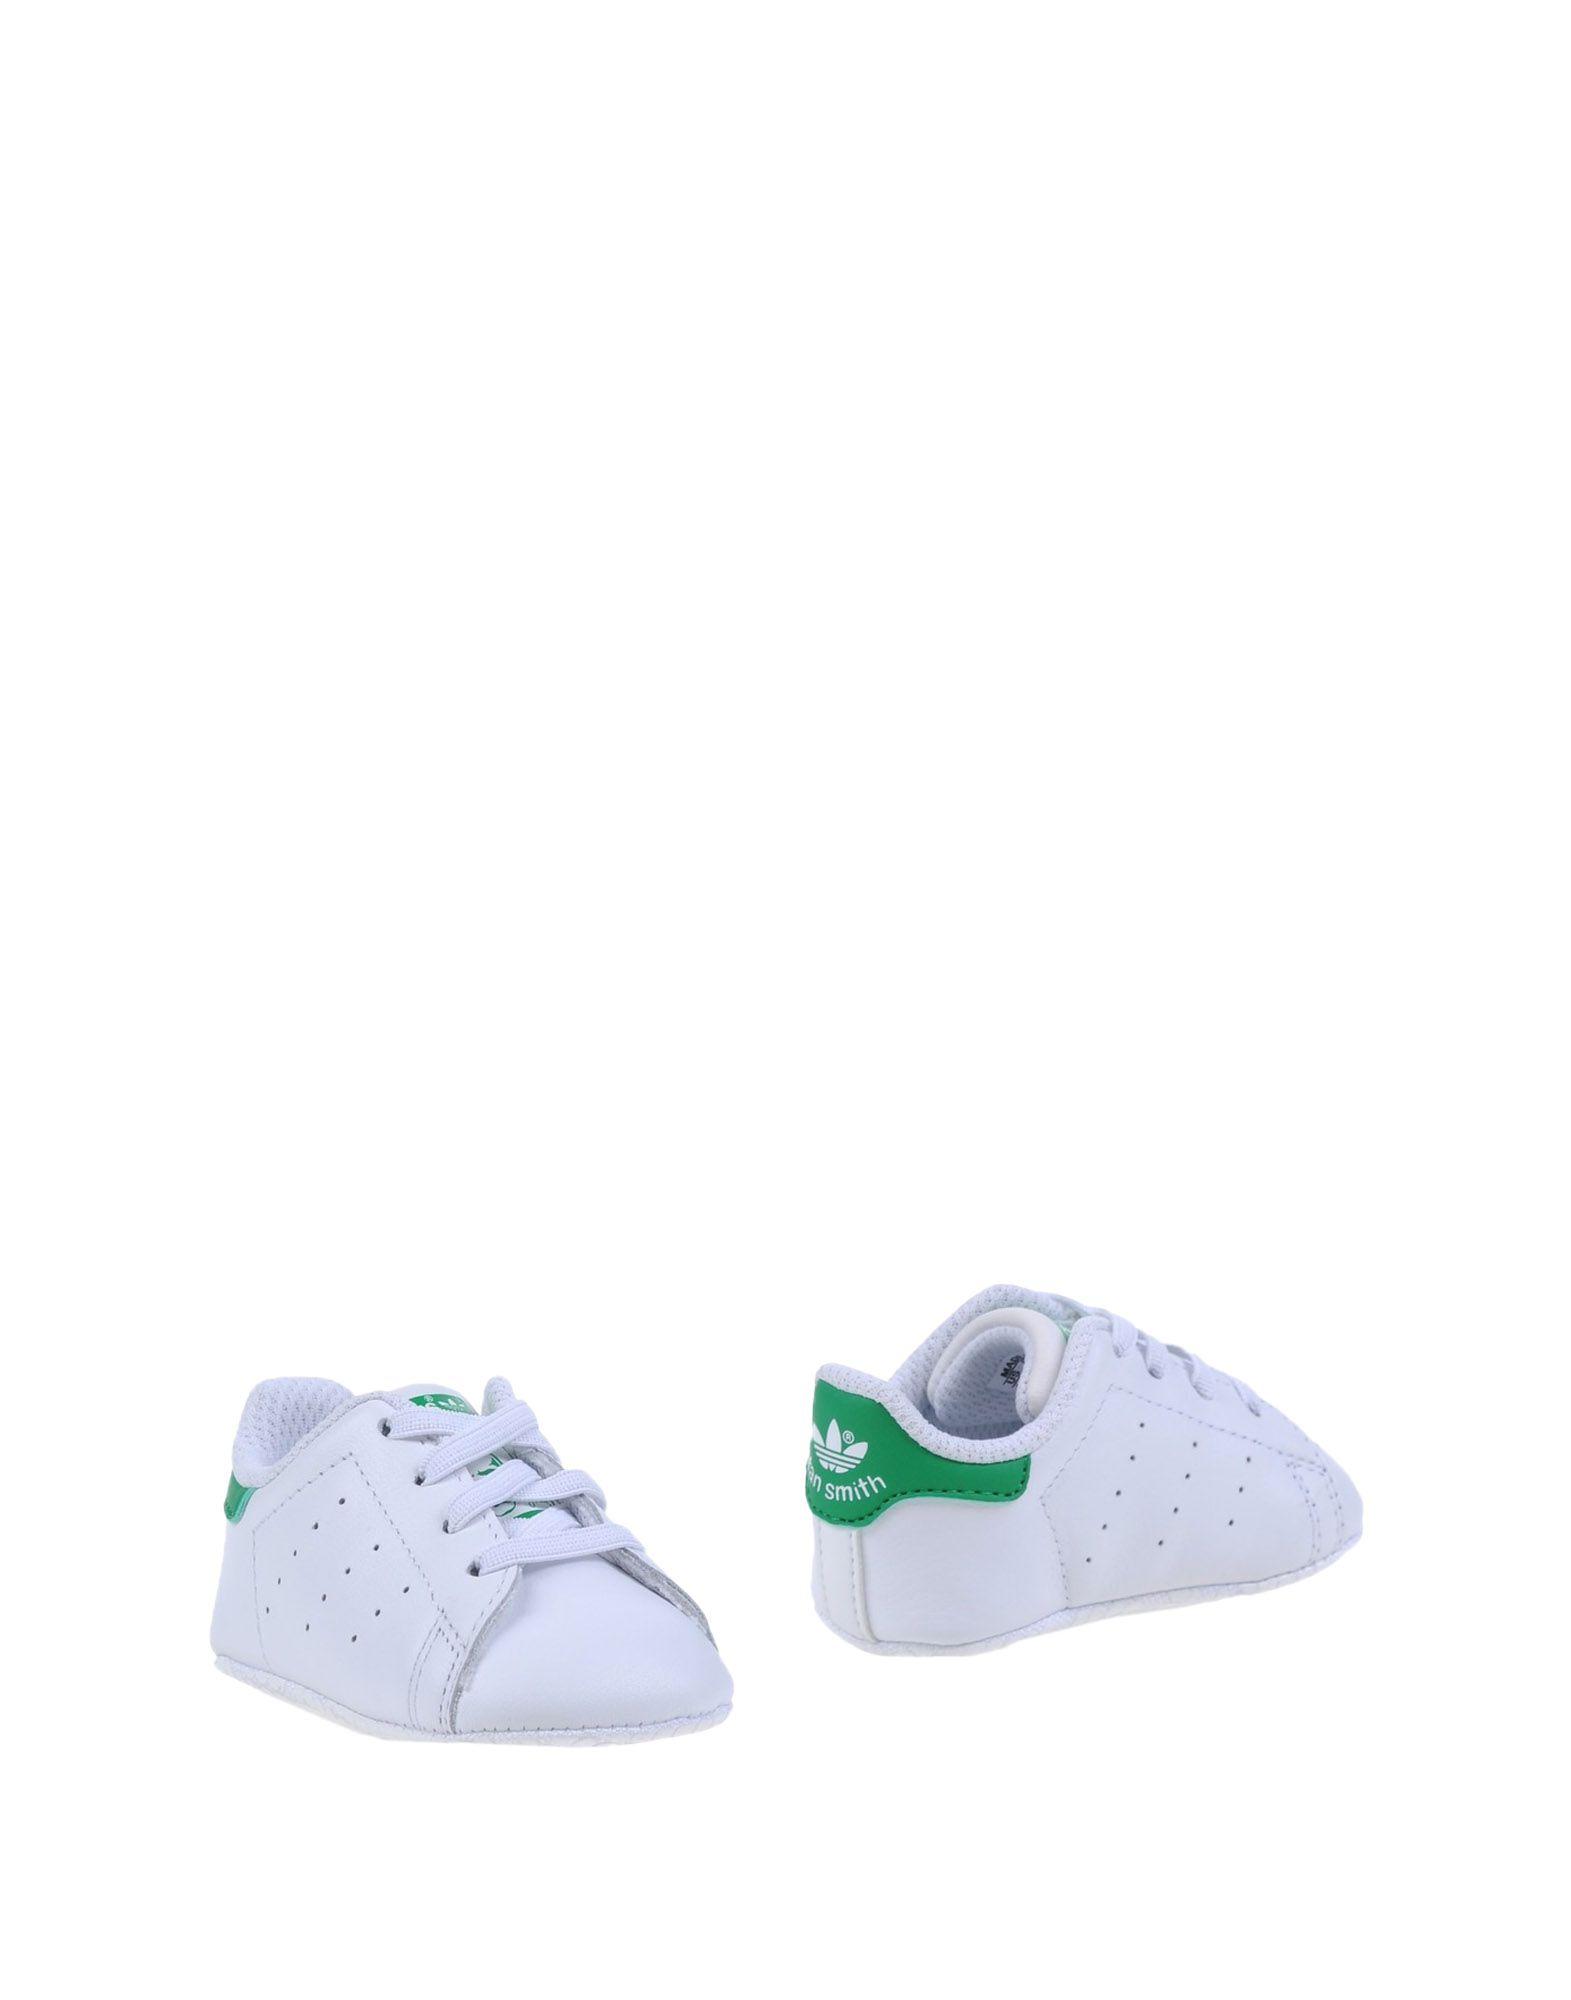 ADIDAS ORIGINALS Обувь для новорожденных